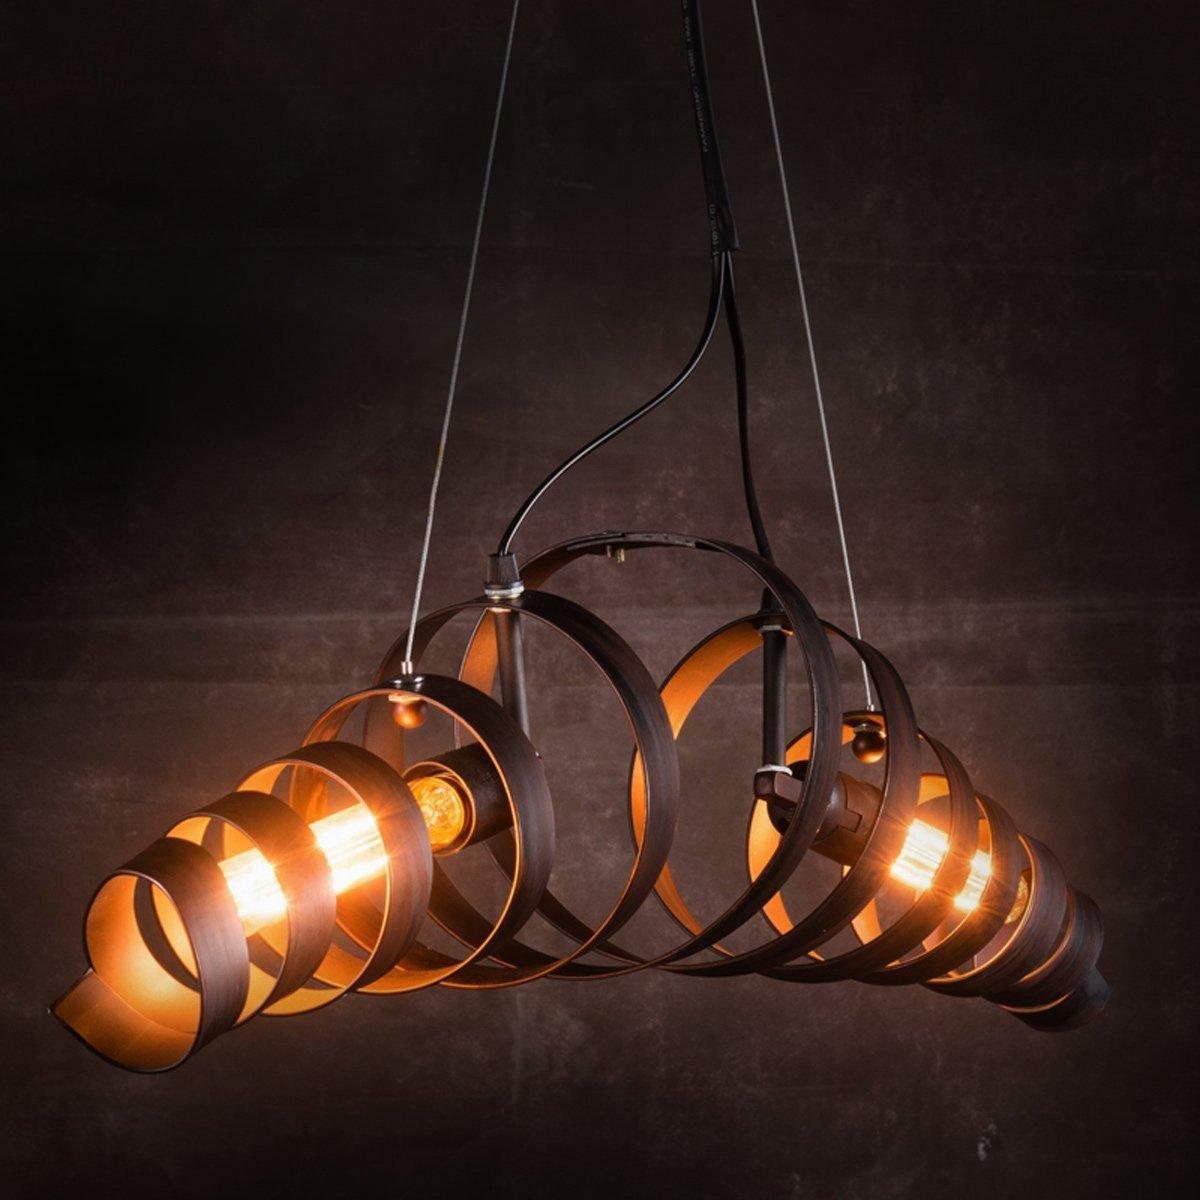 Retro Retro Retro Vintage Kronleuchter Kronleuchter Spirale Light Hängeleuchte Eisen Lampe Industrielle Hängelampe, Kuyiyilo c9be0c